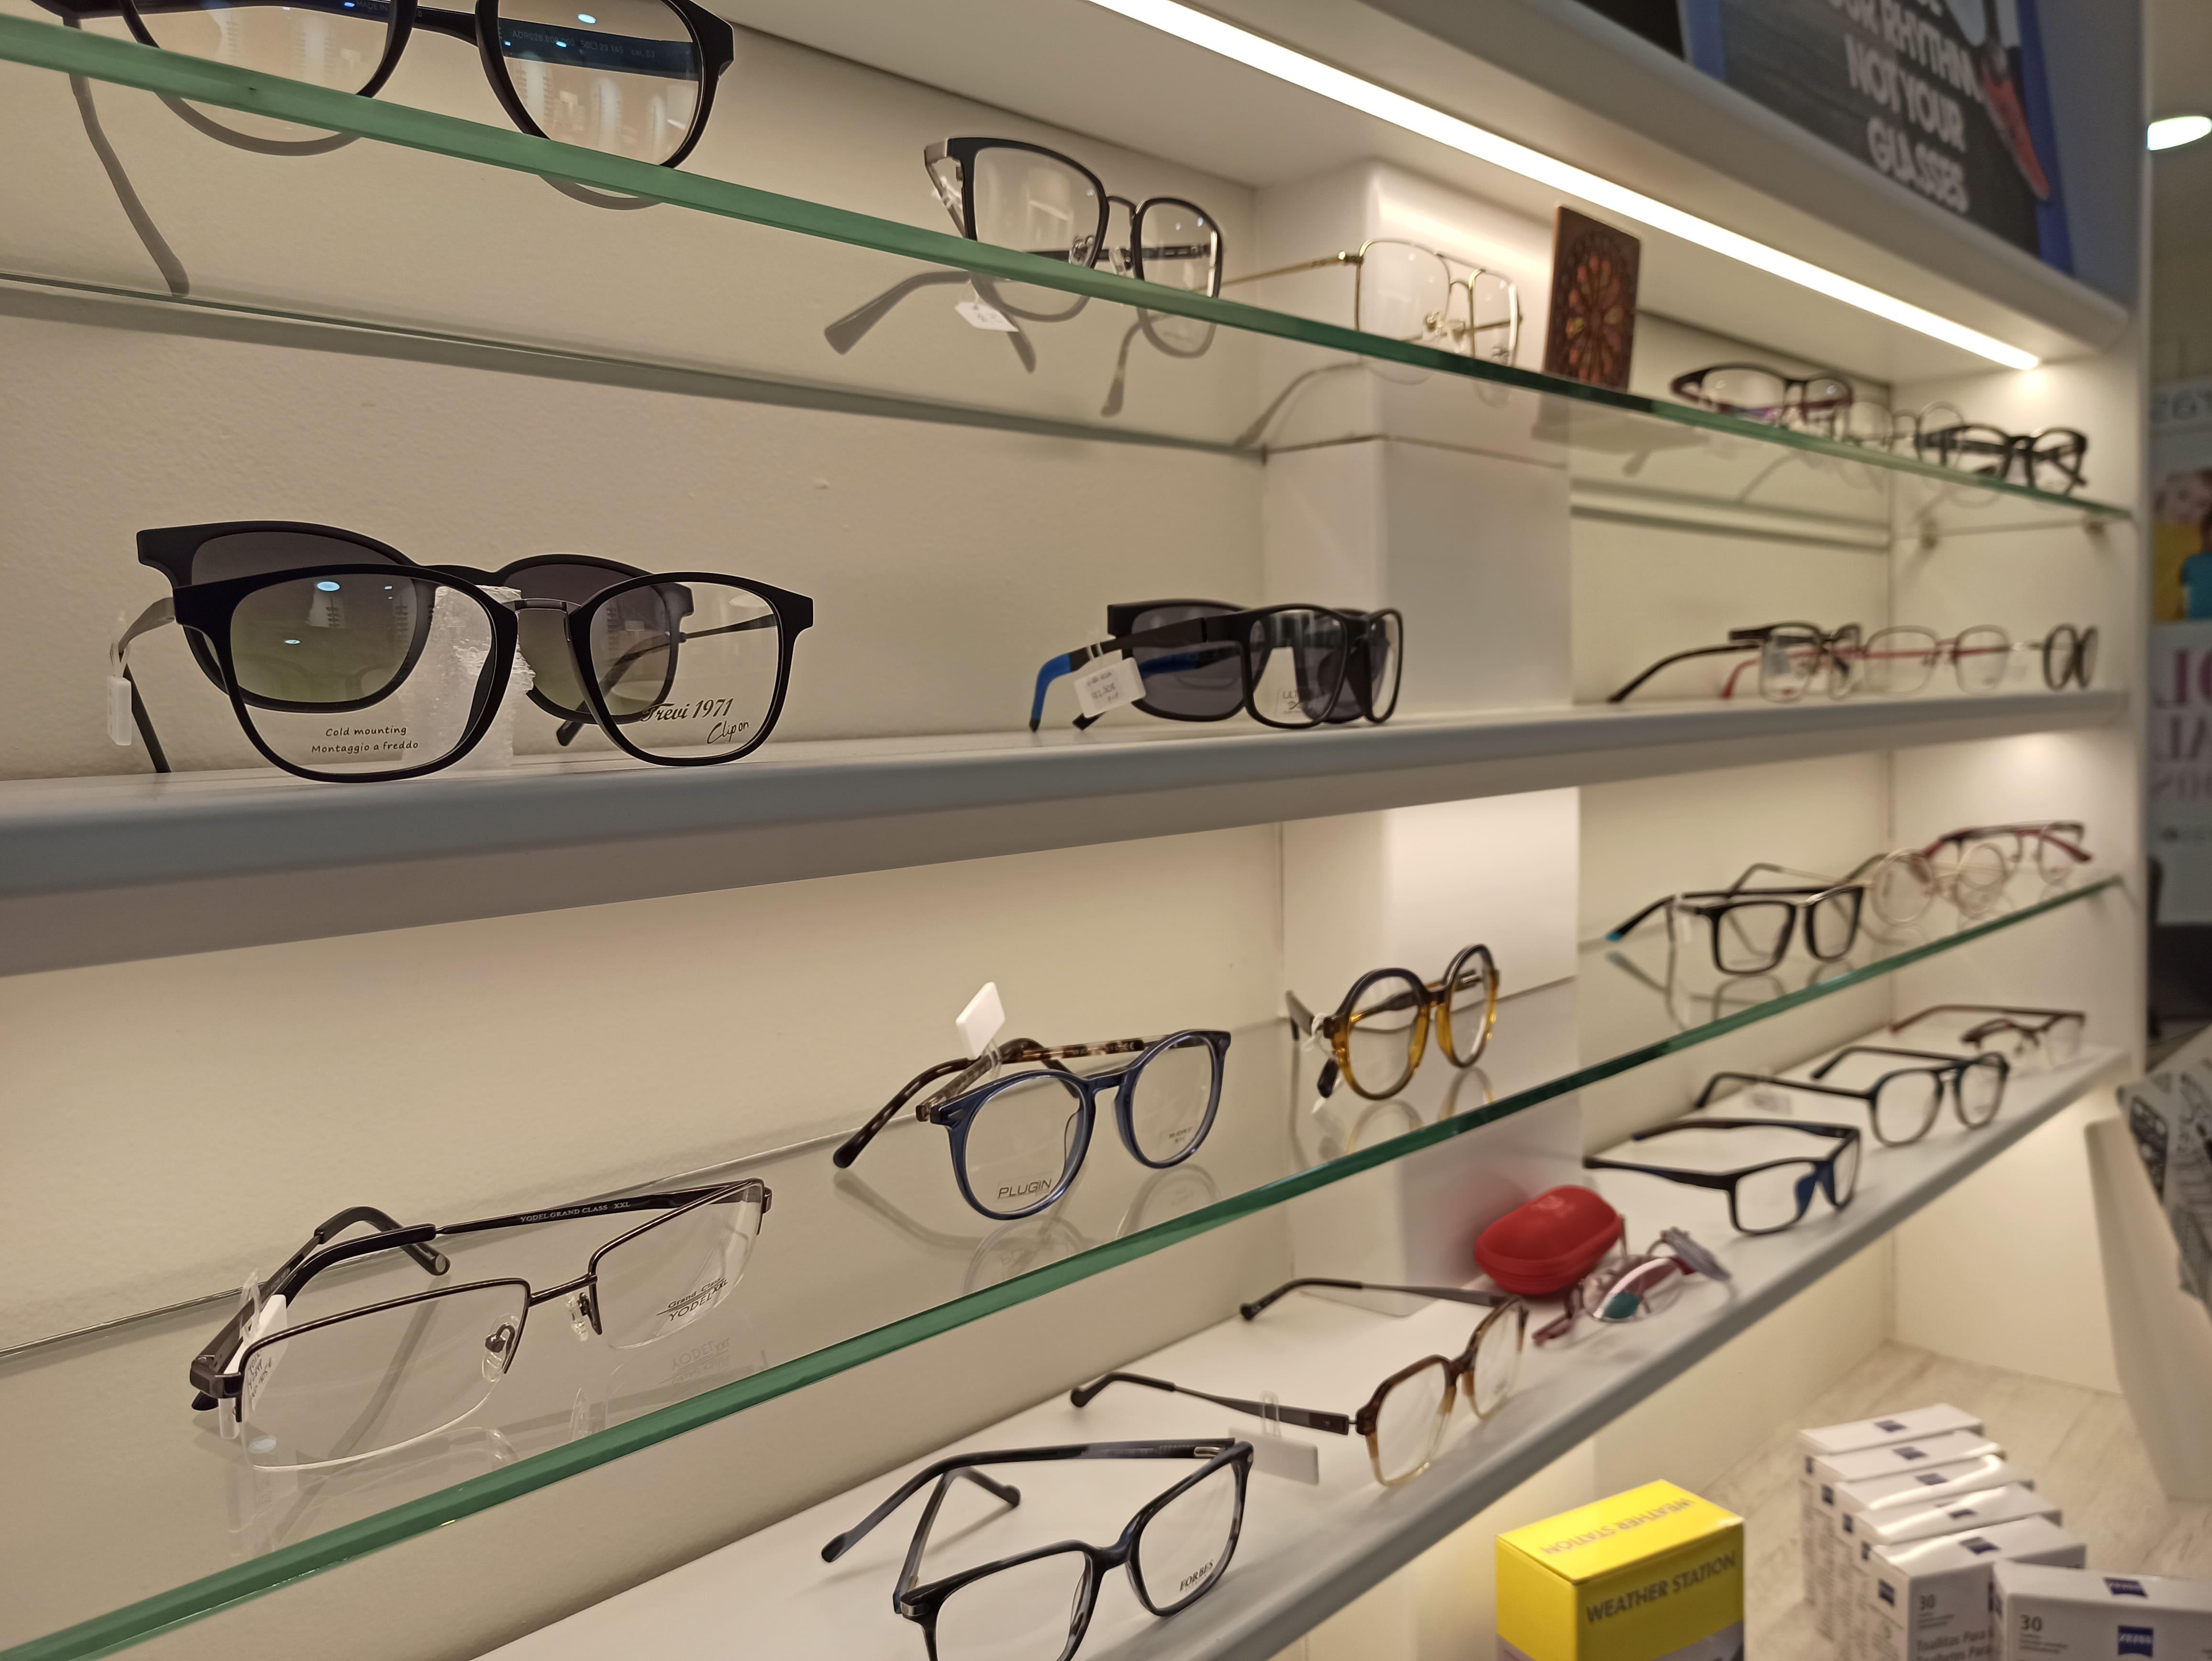 Ampli ventall d'ulleres graduades i de sol FOTO: Cedida